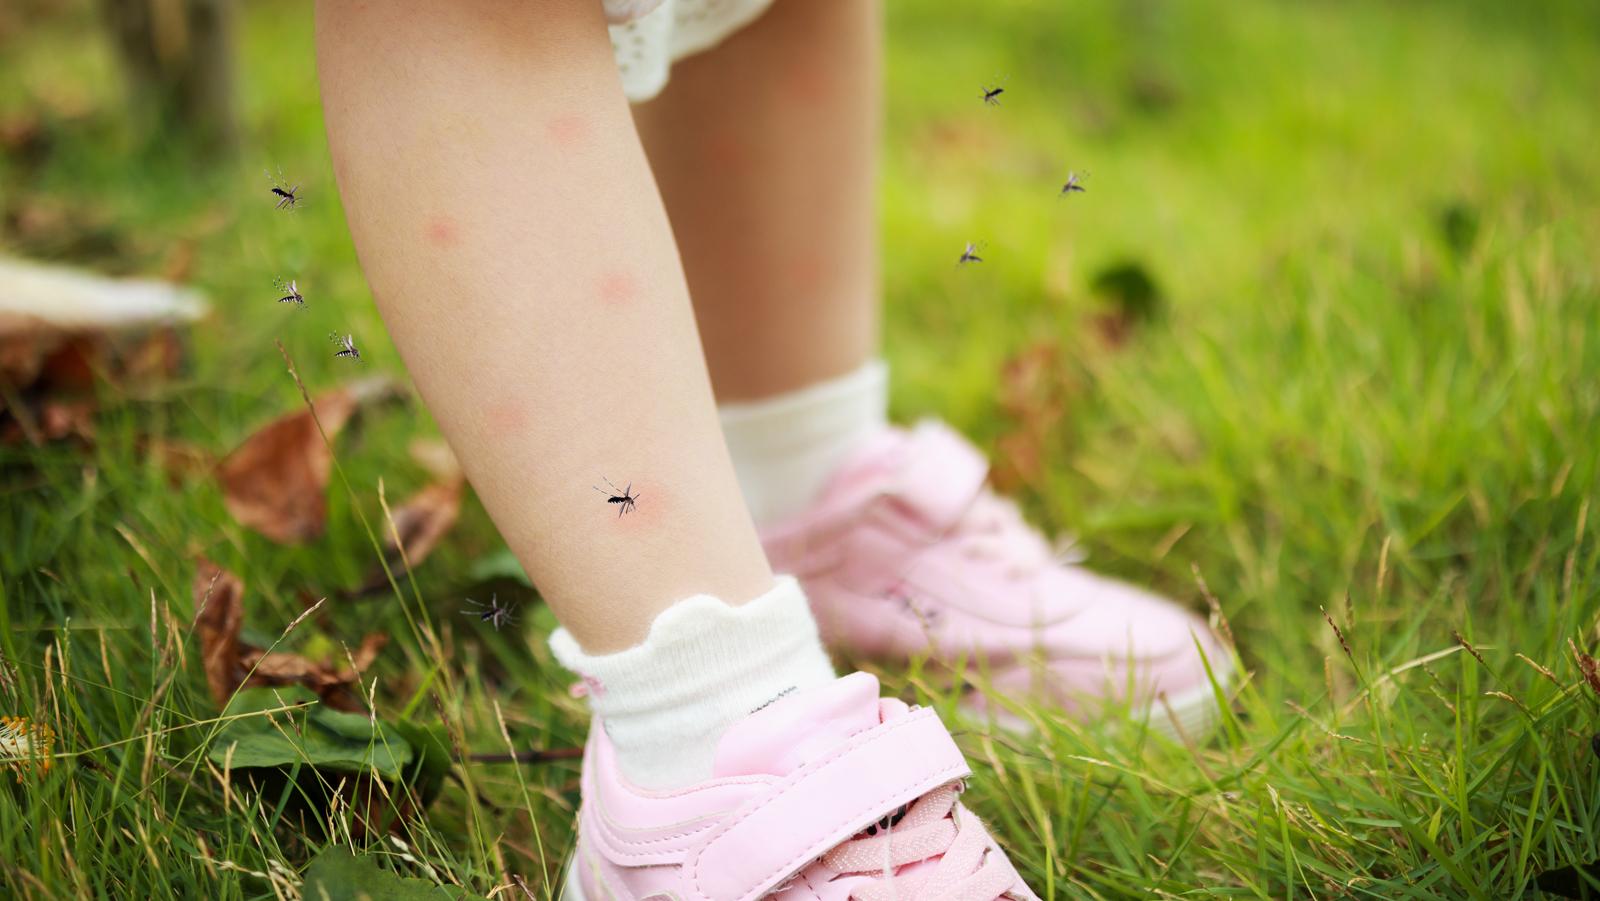 Domowe sposoby na komary i kleszcze. Znasz je wszystkie? - Zdjęcie główne